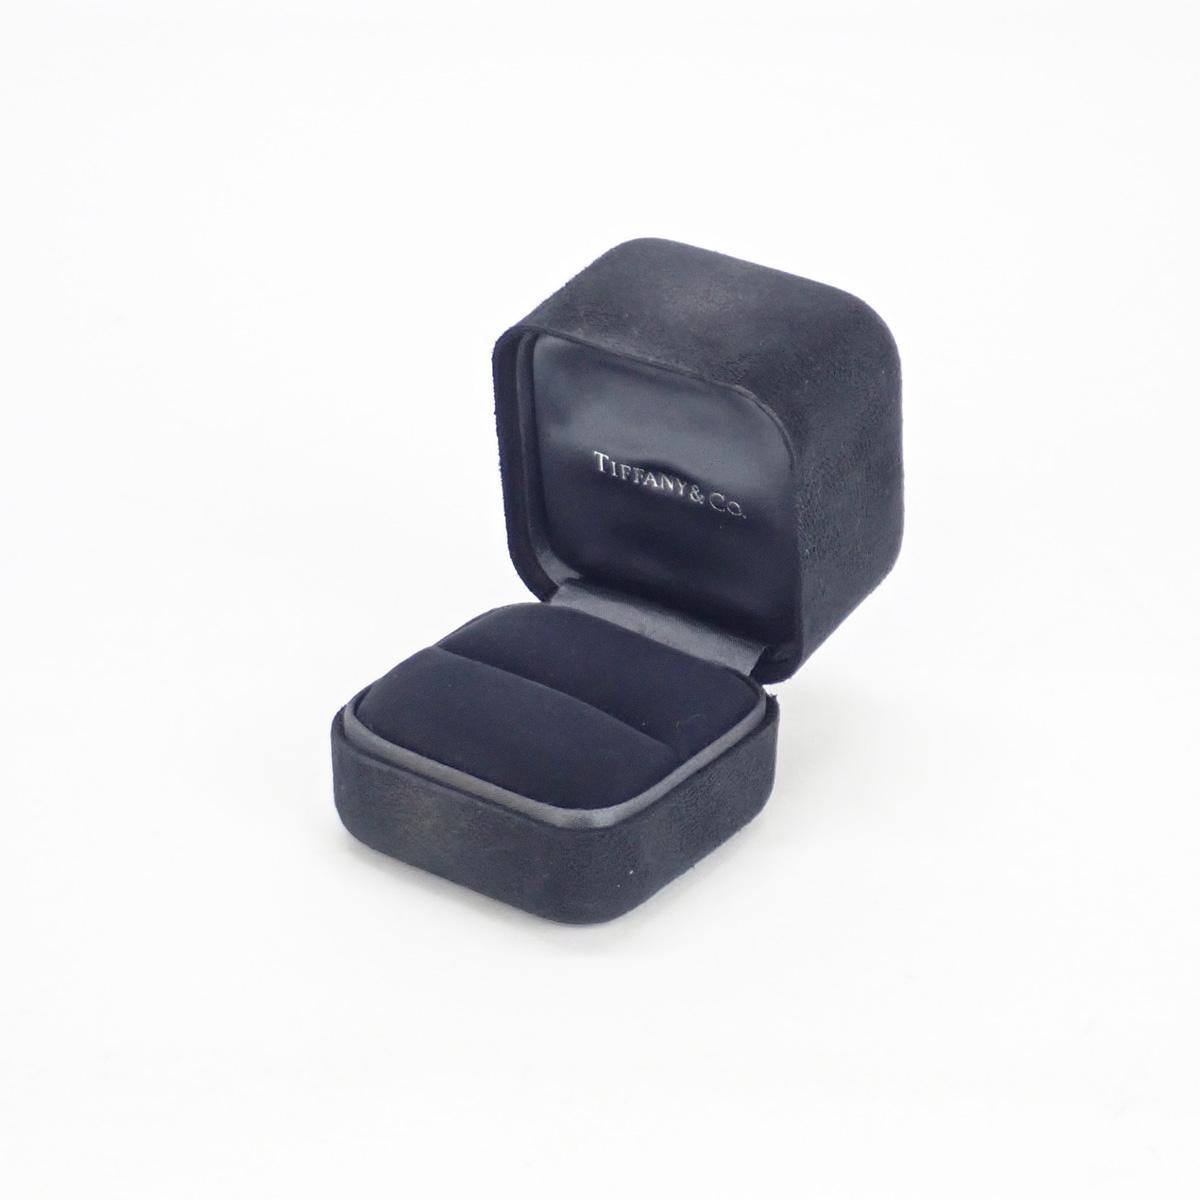 【辛口評価】【Aランク】Tiffany&Co. ティファニー K18PG ダイヤモンド ウェディングバンドリング ハーフ ゲージ棒10号